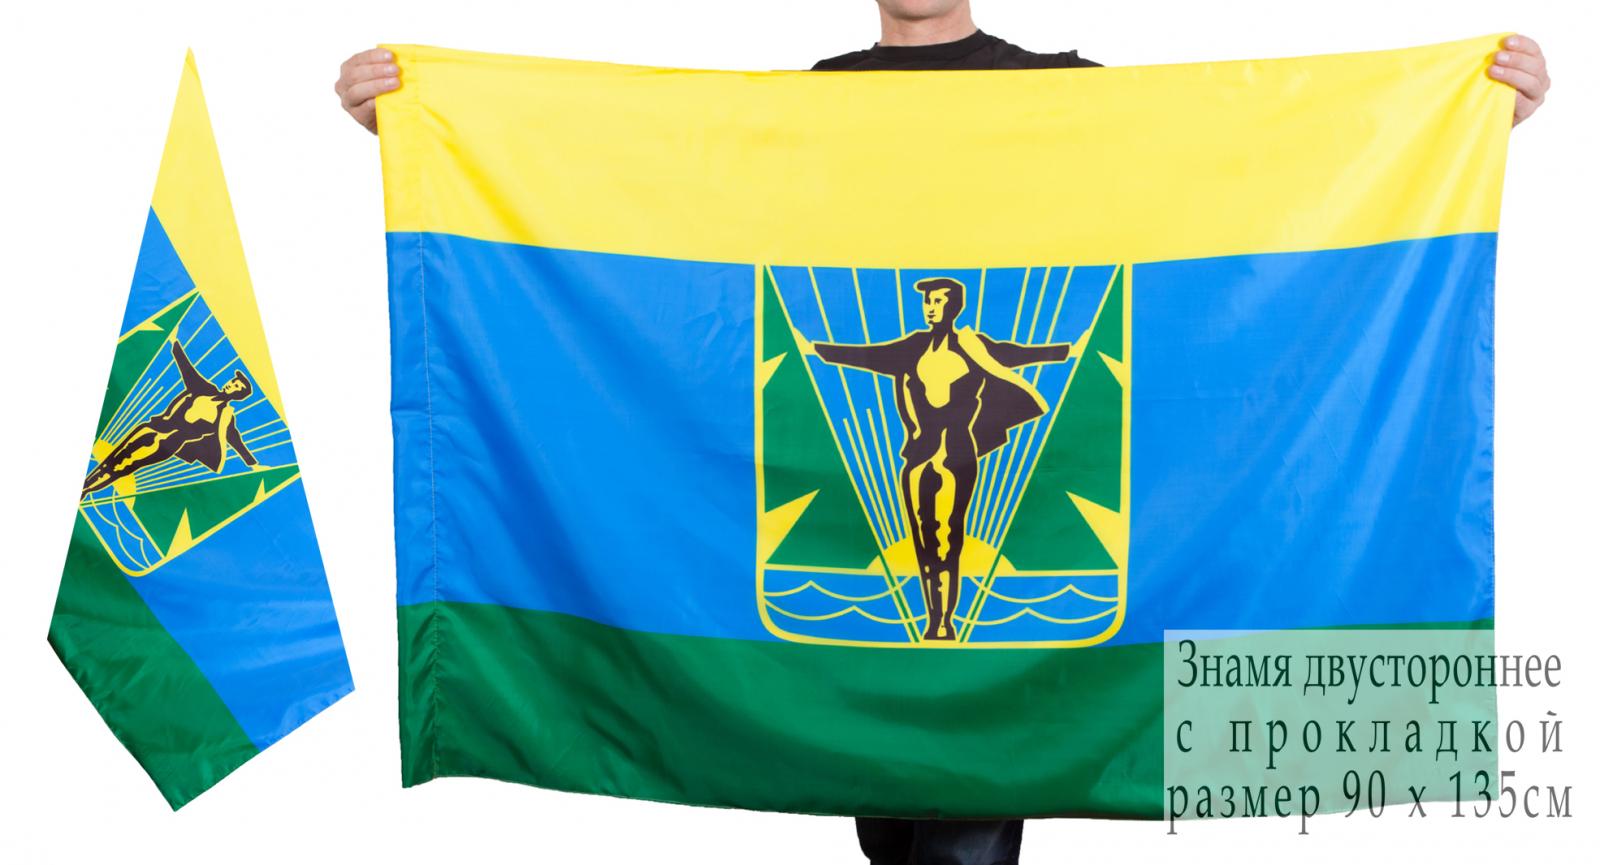 Двухсторонний флаг Комсомольска-на-Амуре